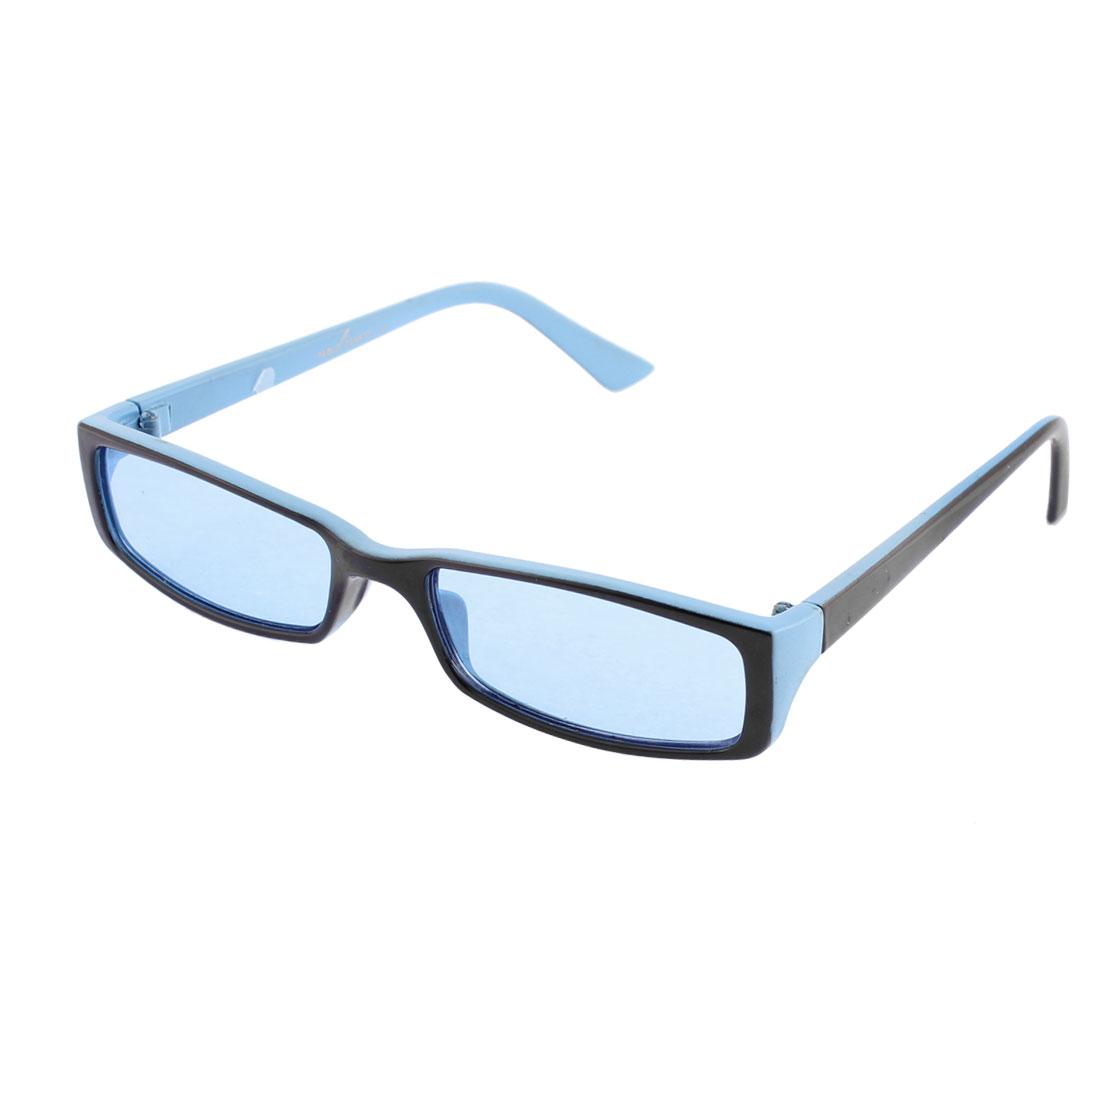 Women Full Frame Sunglasses Outdoor Sports Eyewear Glasses